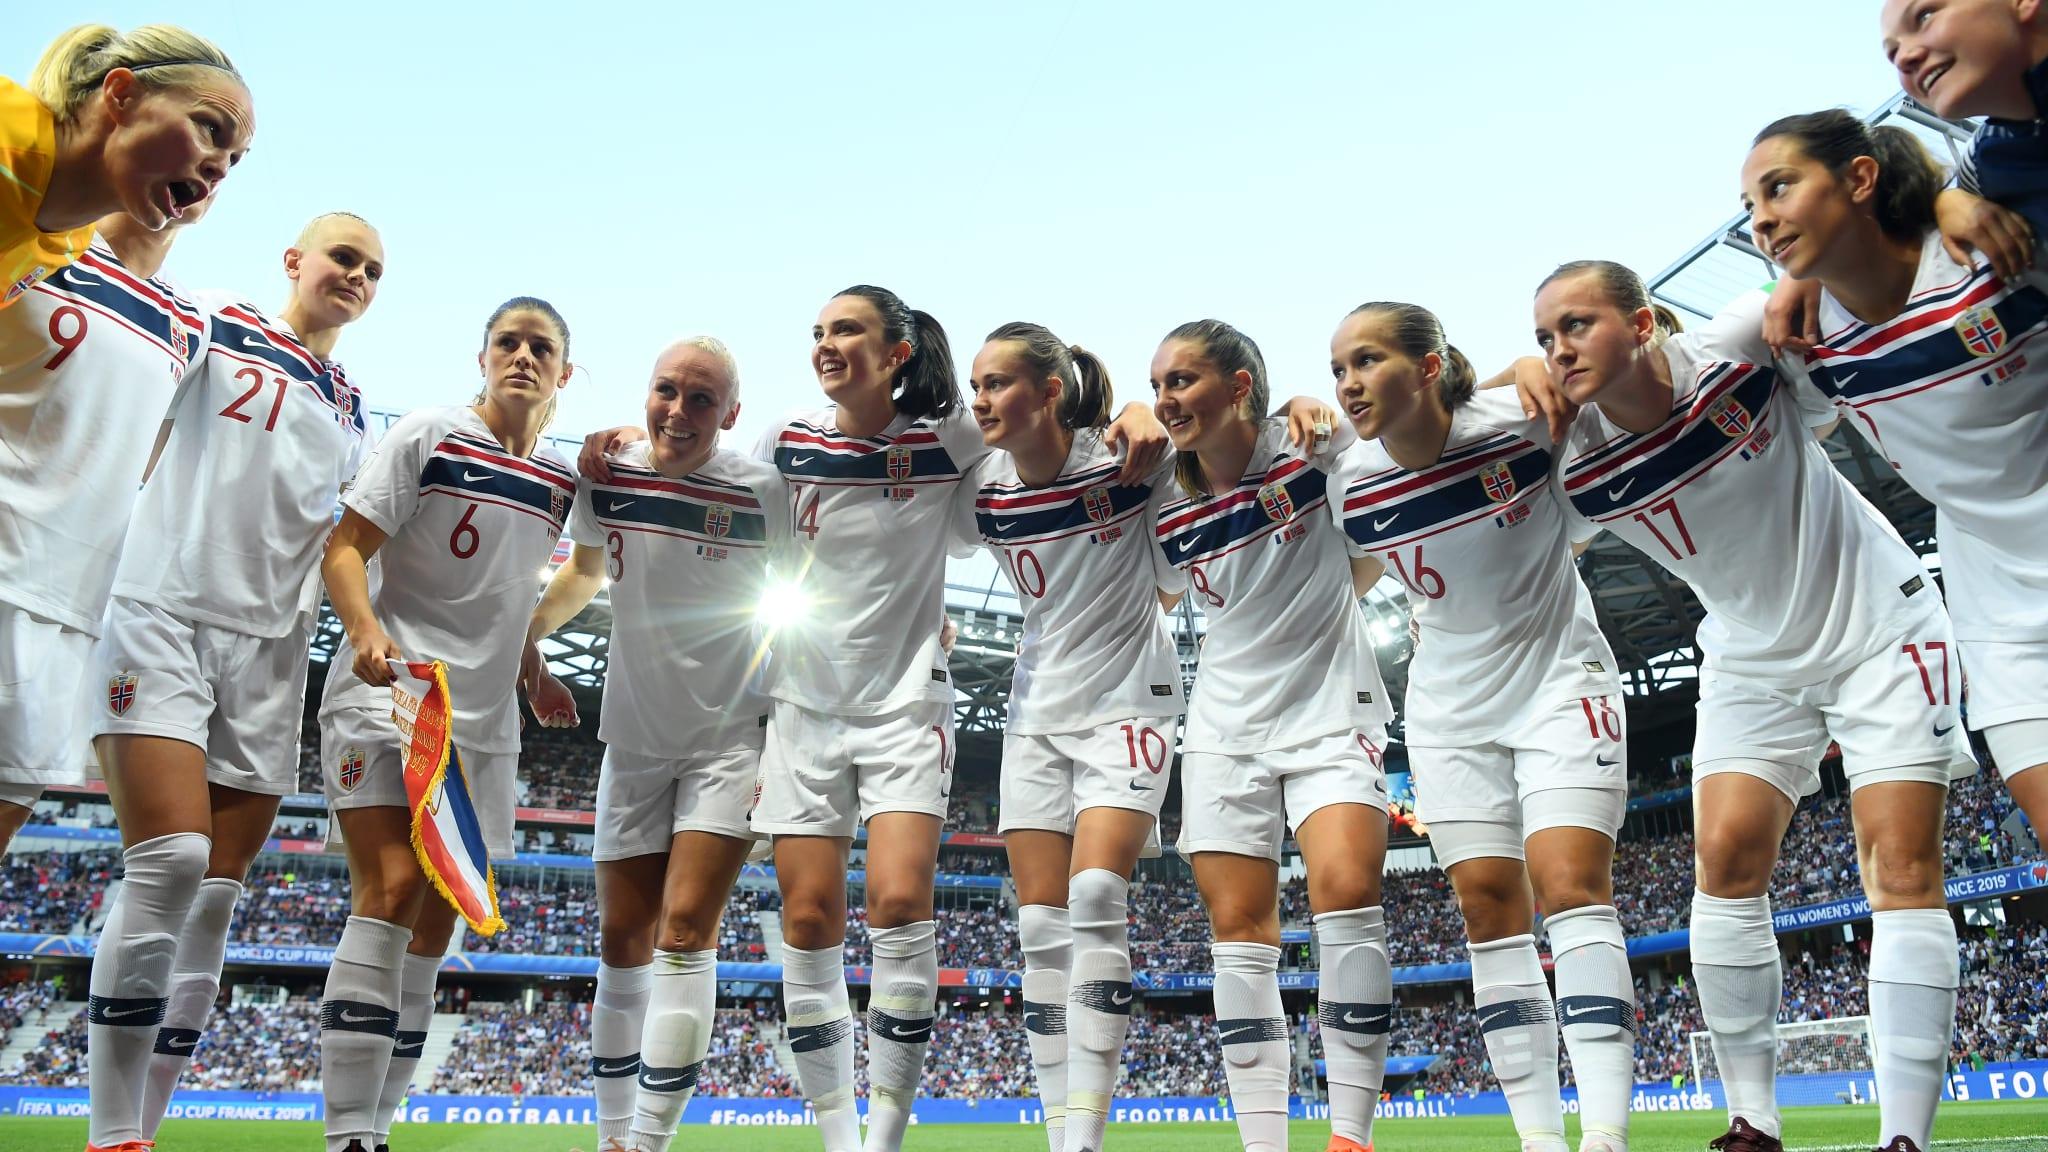 Podcast: Vocabulario inglés Las Mujeres y el Fútbol